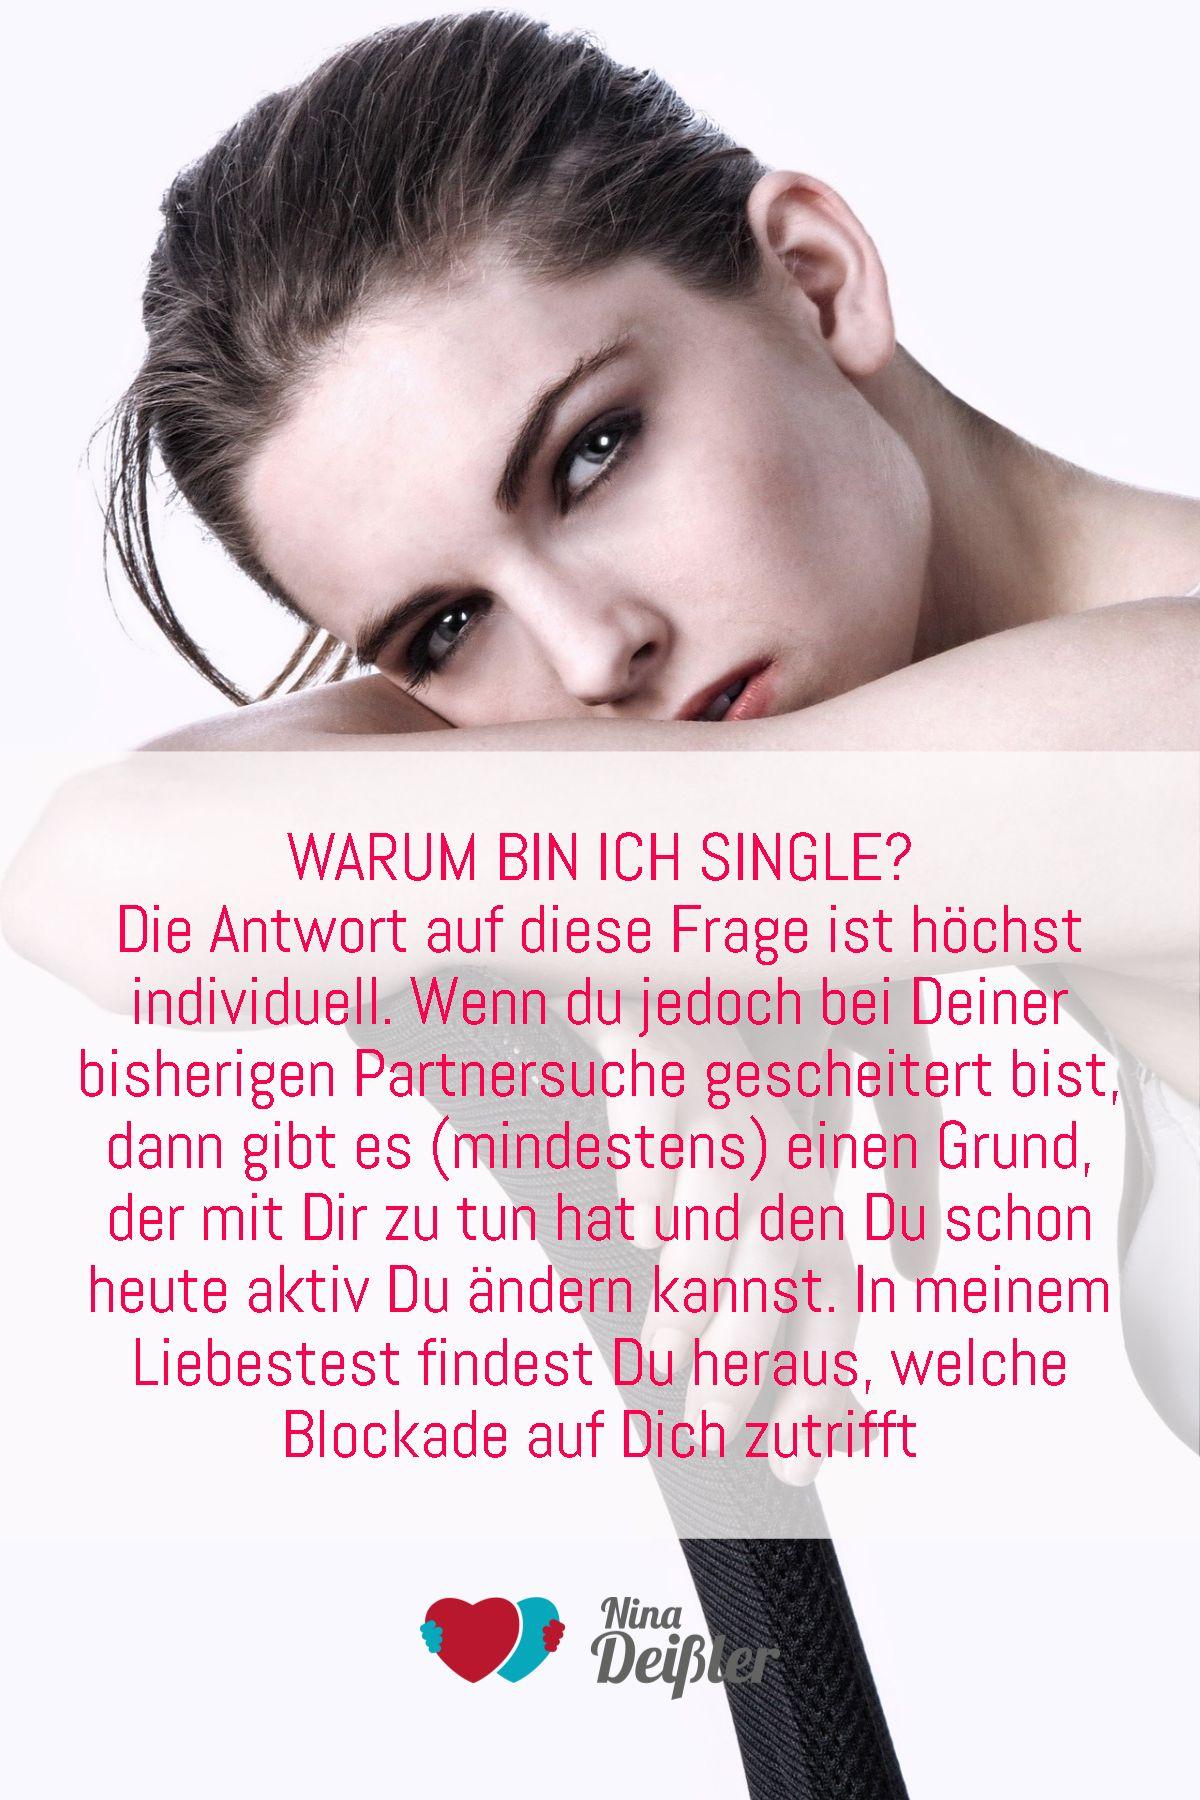 Sie sucht Ihn (Erotik): Sex in Hchst - rockmartonline.com